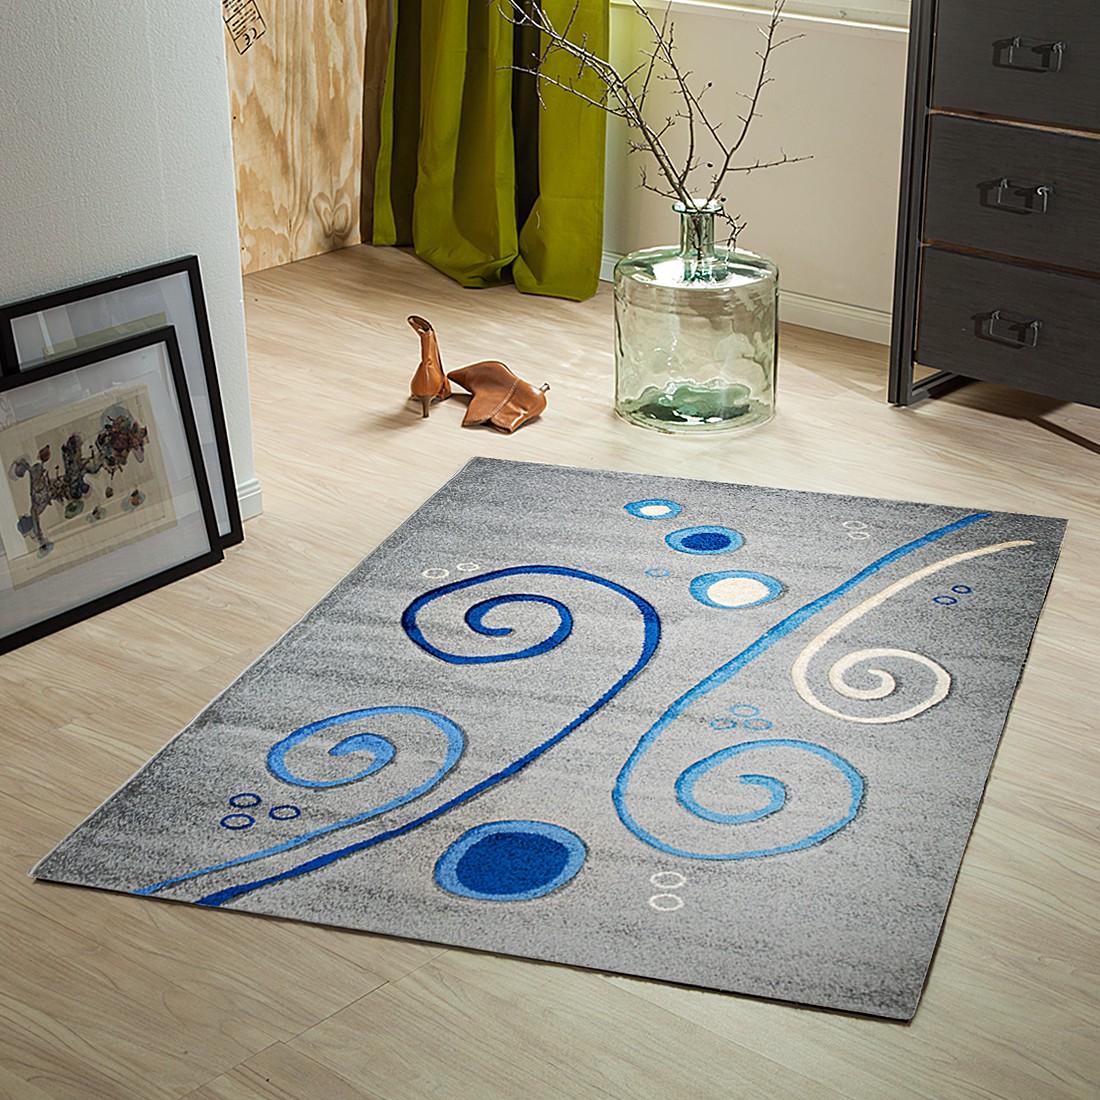 Teppich Liam – Grau – 120 x 170 cm, Testil online bestellen